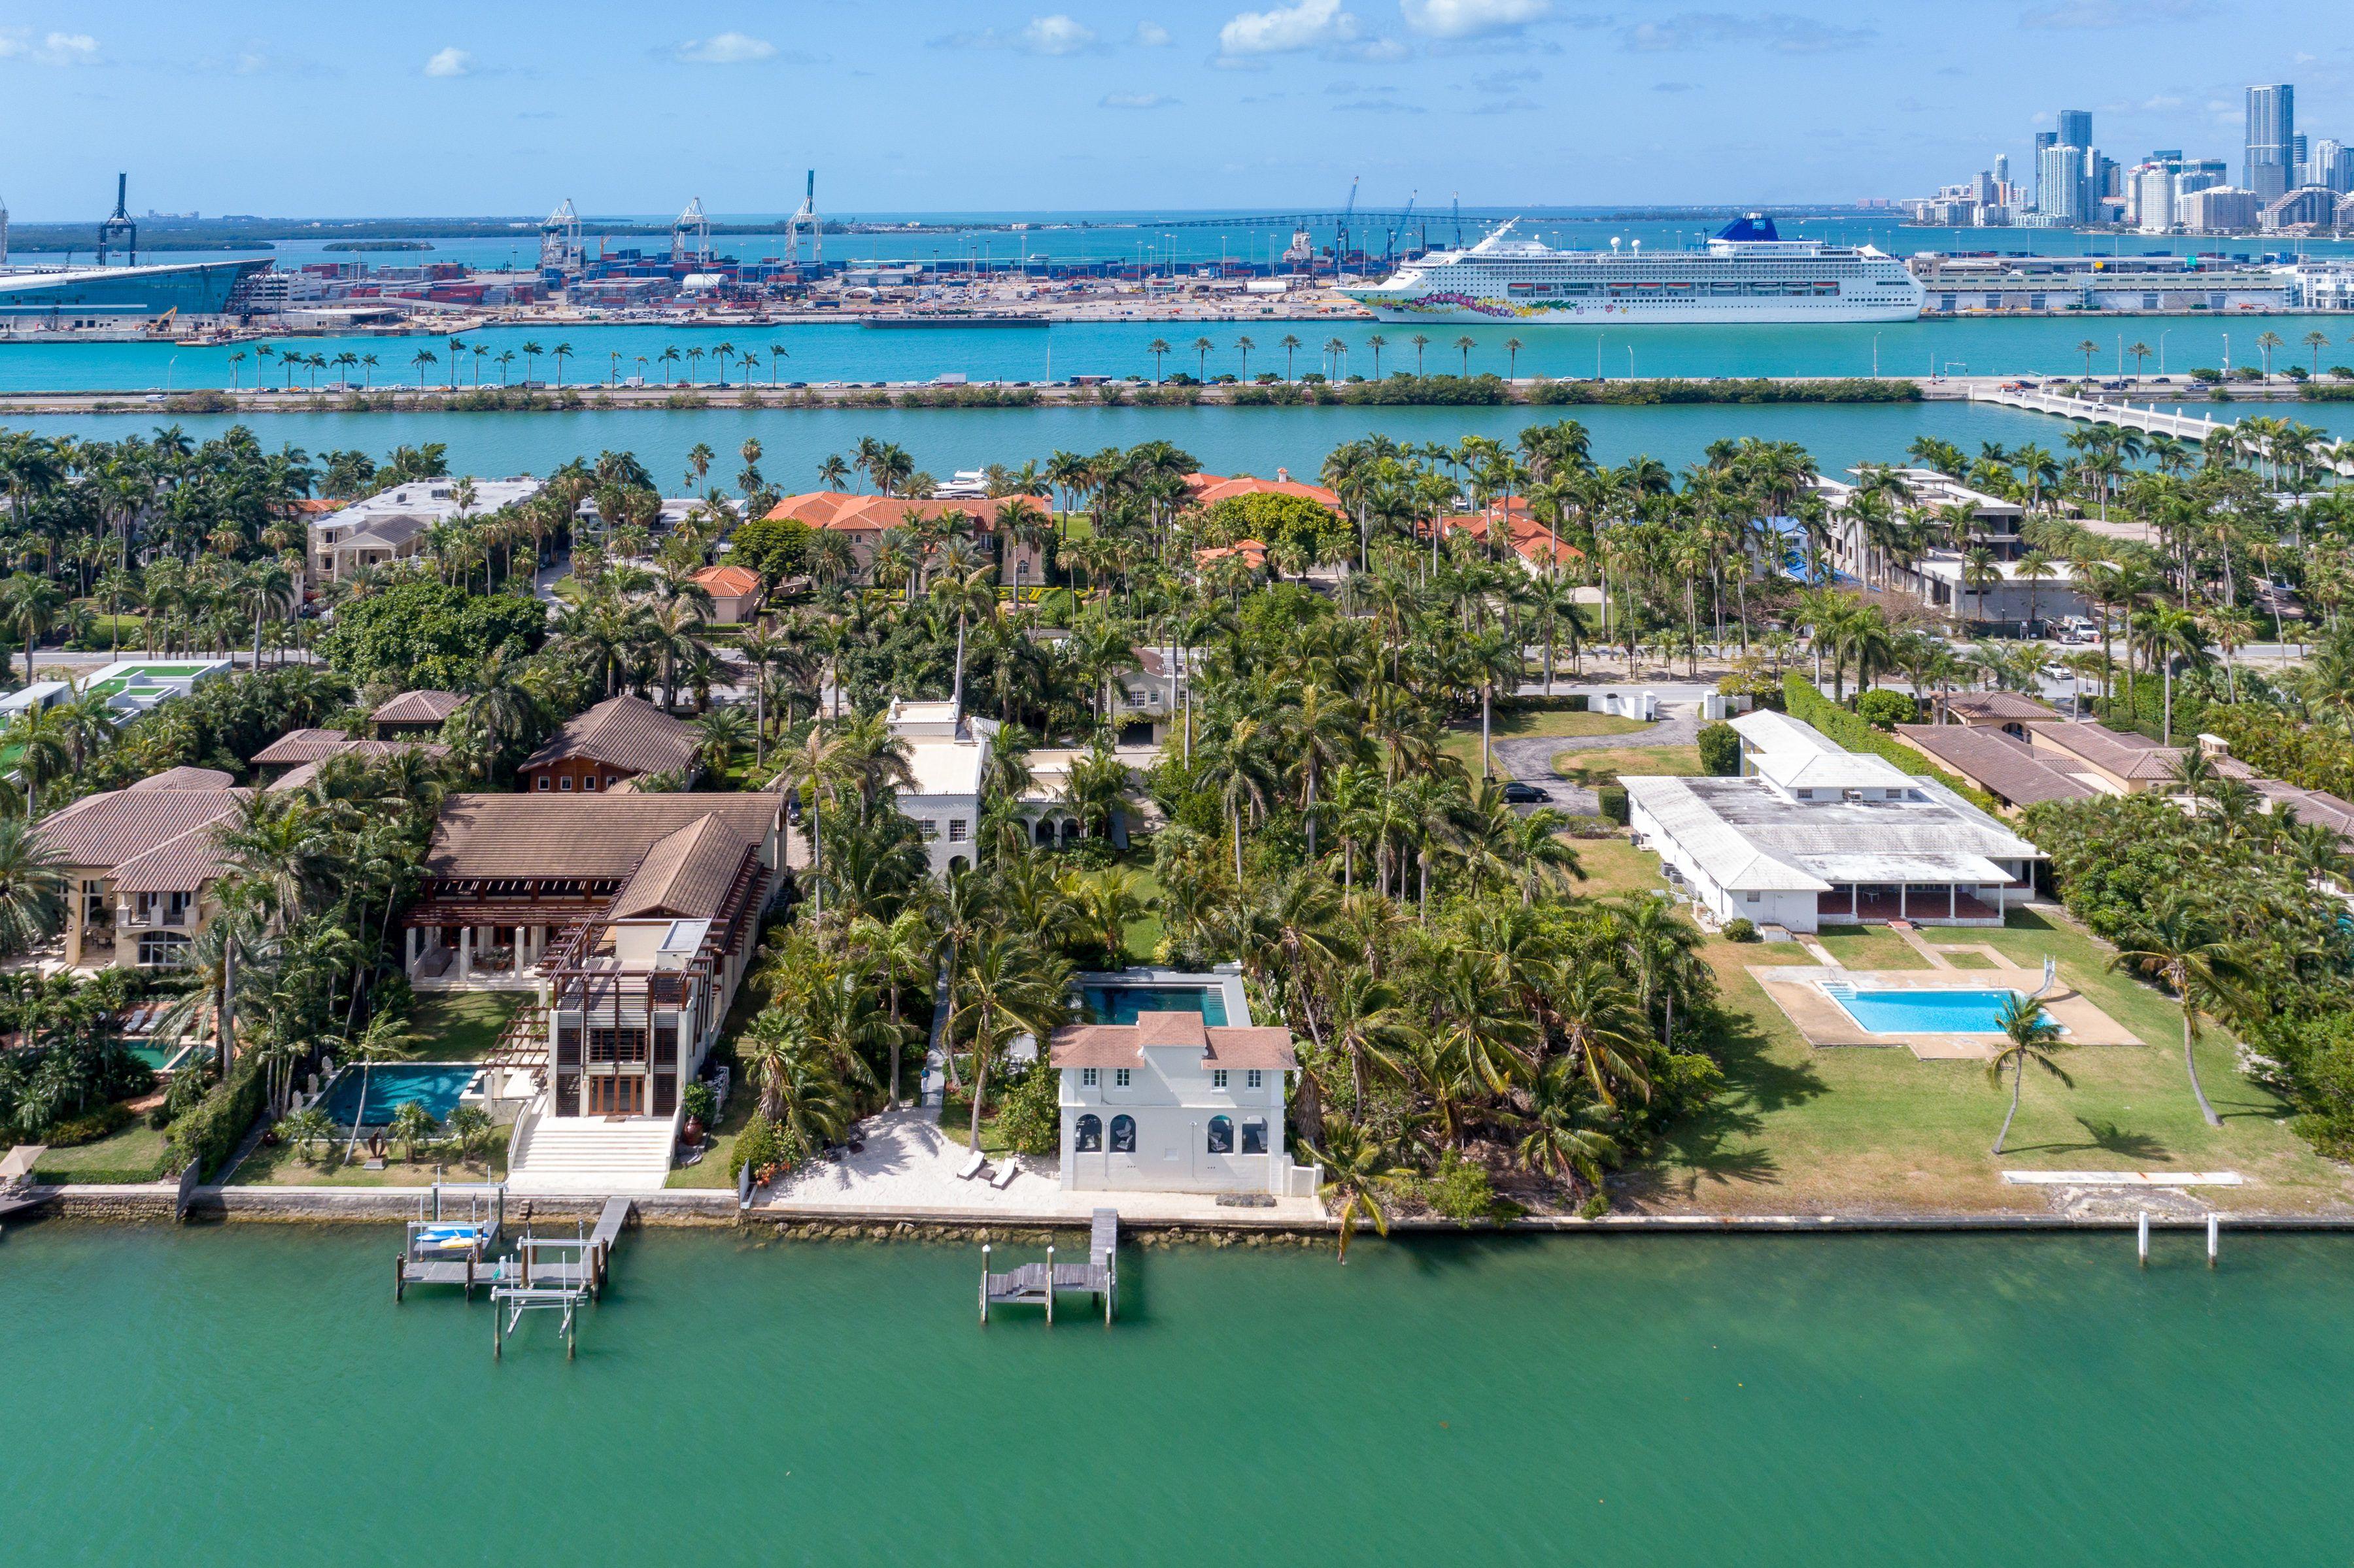 Pin By Nelson Gonzalez Pa On Al Capone S Miami Beach Mansion Asking 13 500 000 Miami Beach Mansion Miami Mansion Miami Beach